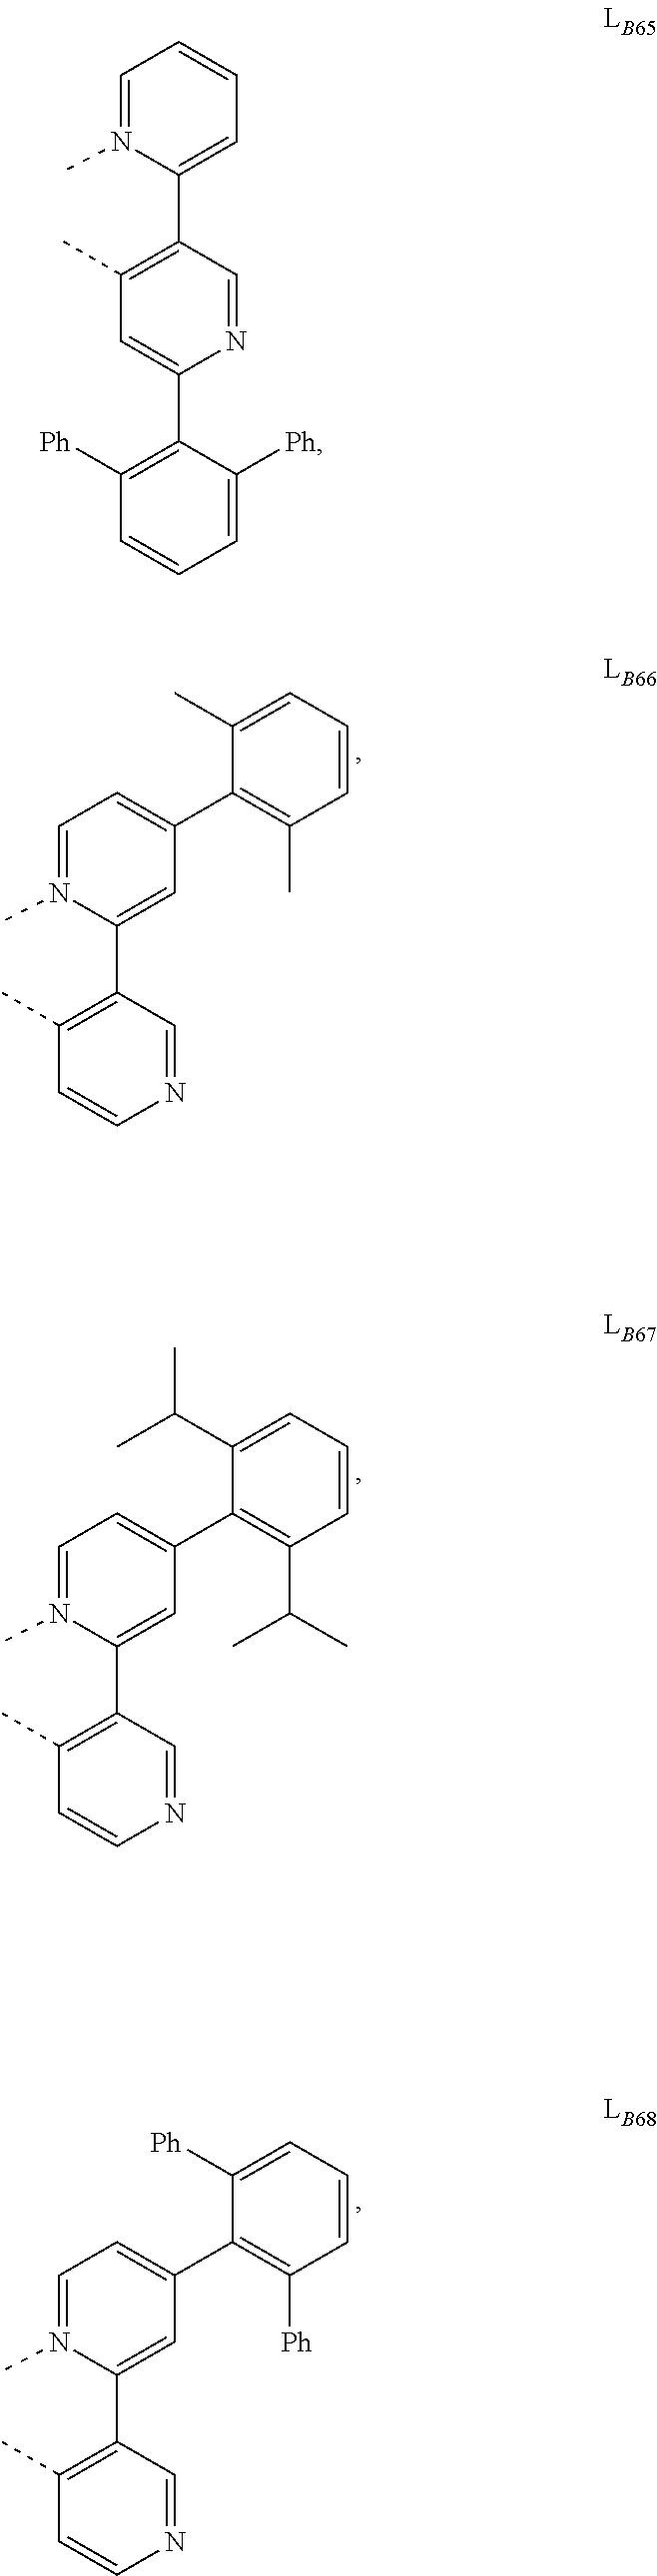 Figure US09905785-20180227-C00117